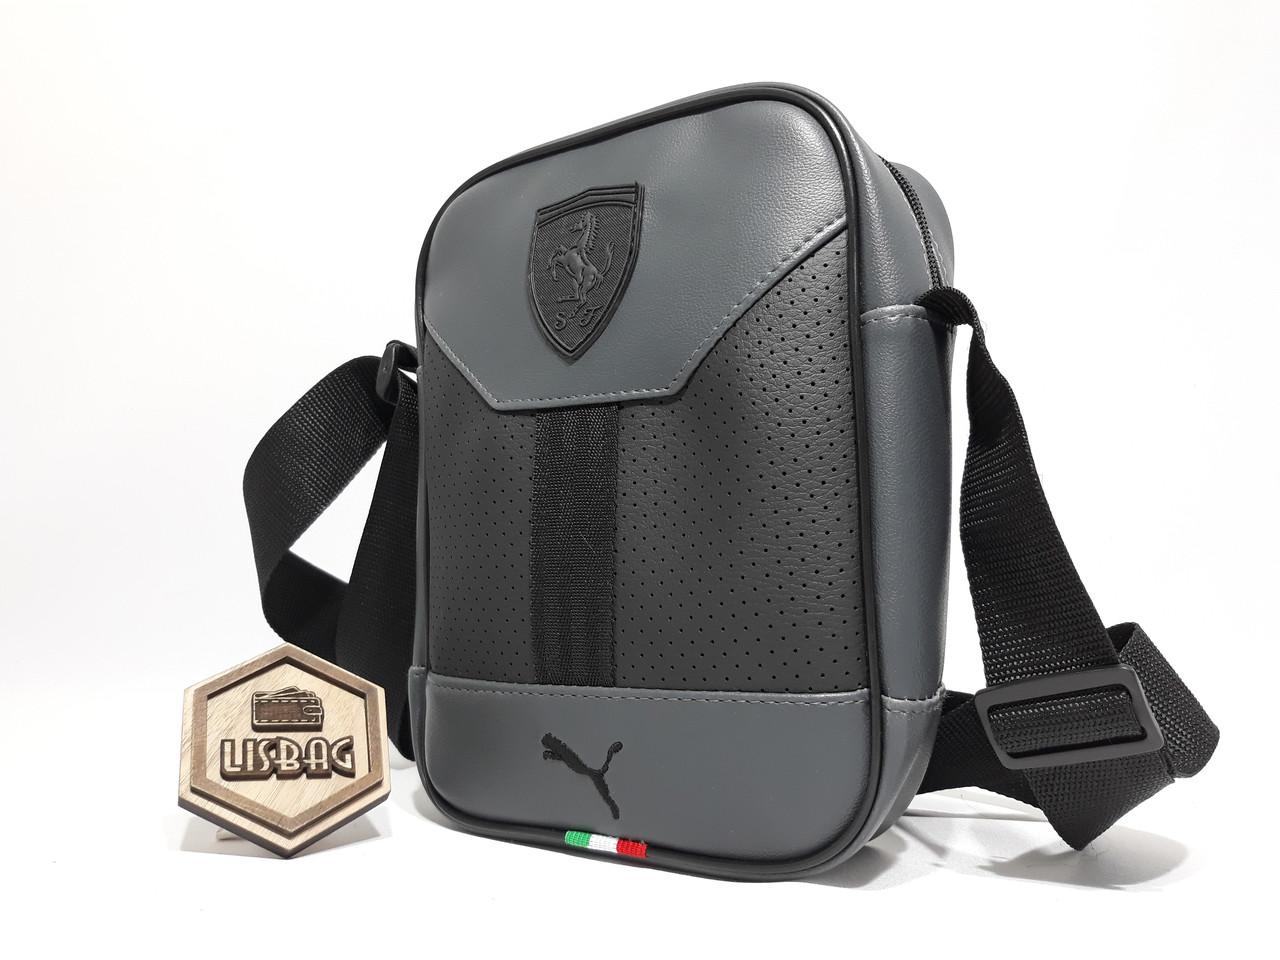 d05efc395b0f Мужская сумка Puma ferrari на каждый день реплика люкс качества 2х  компонентная кожа PU, ...